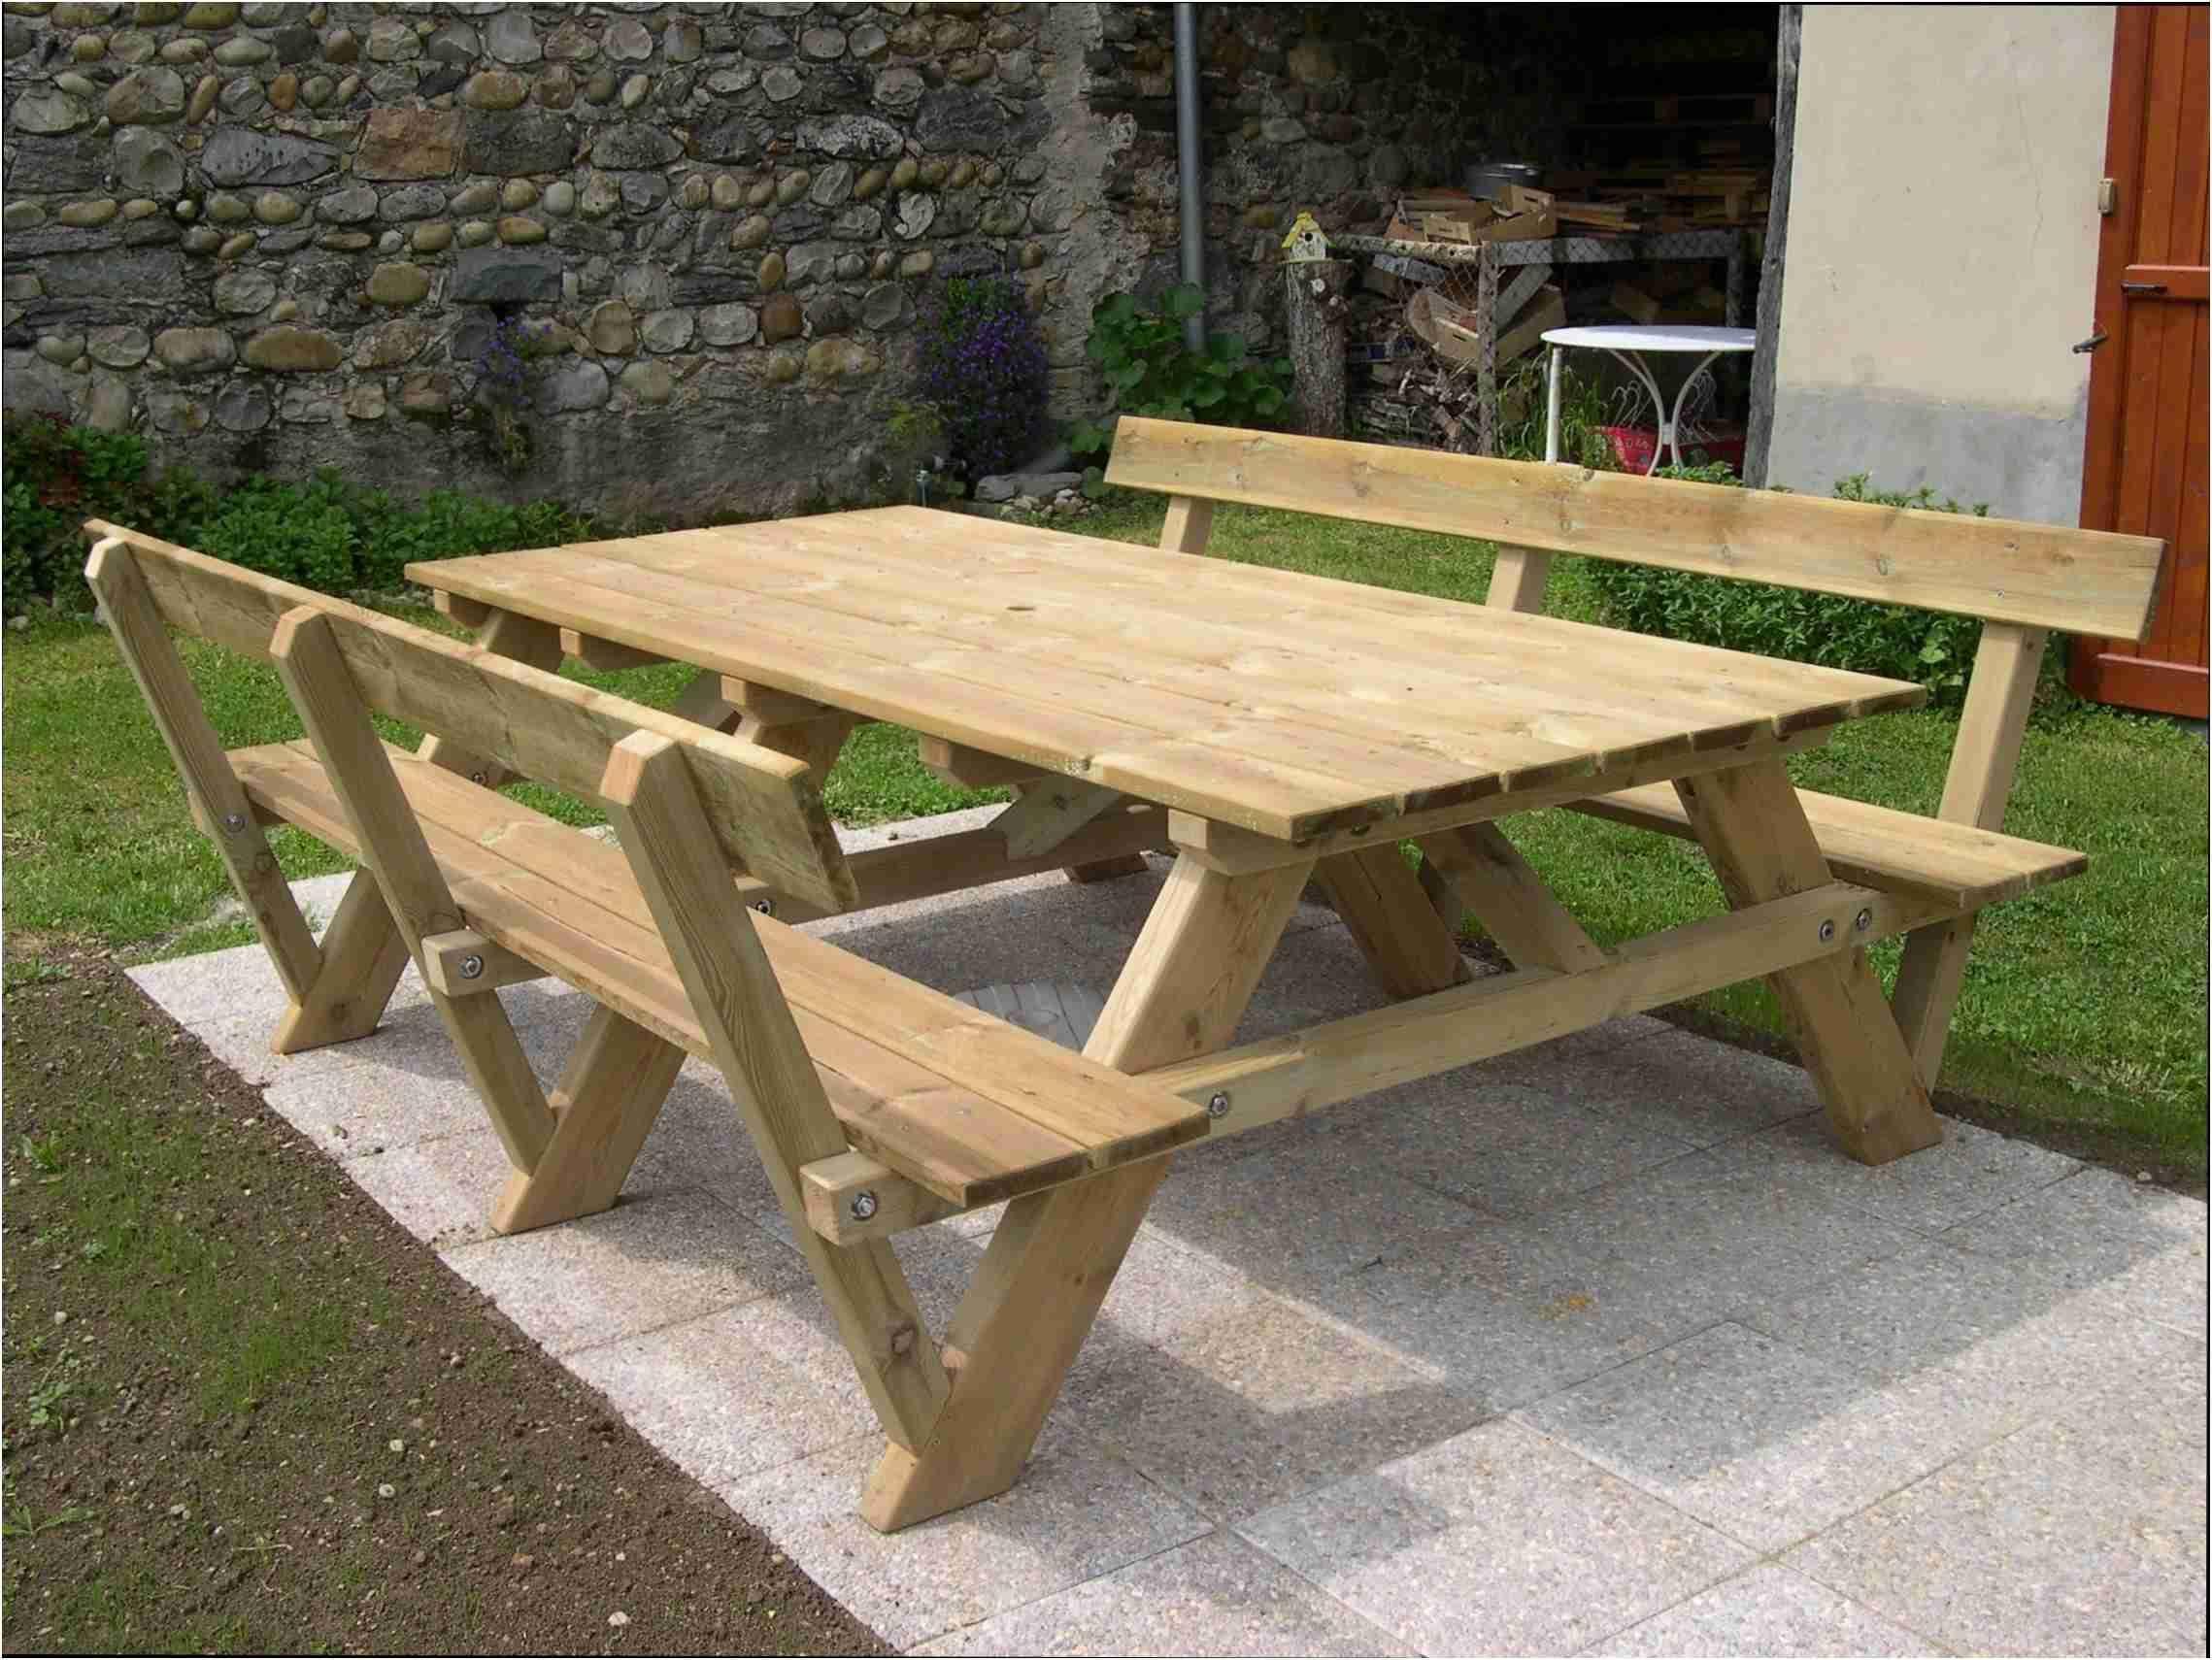 61 Regulier Table Exterieur En Bois Diy Picnic Table Picnic Table Plans Wooden Picnic Tables